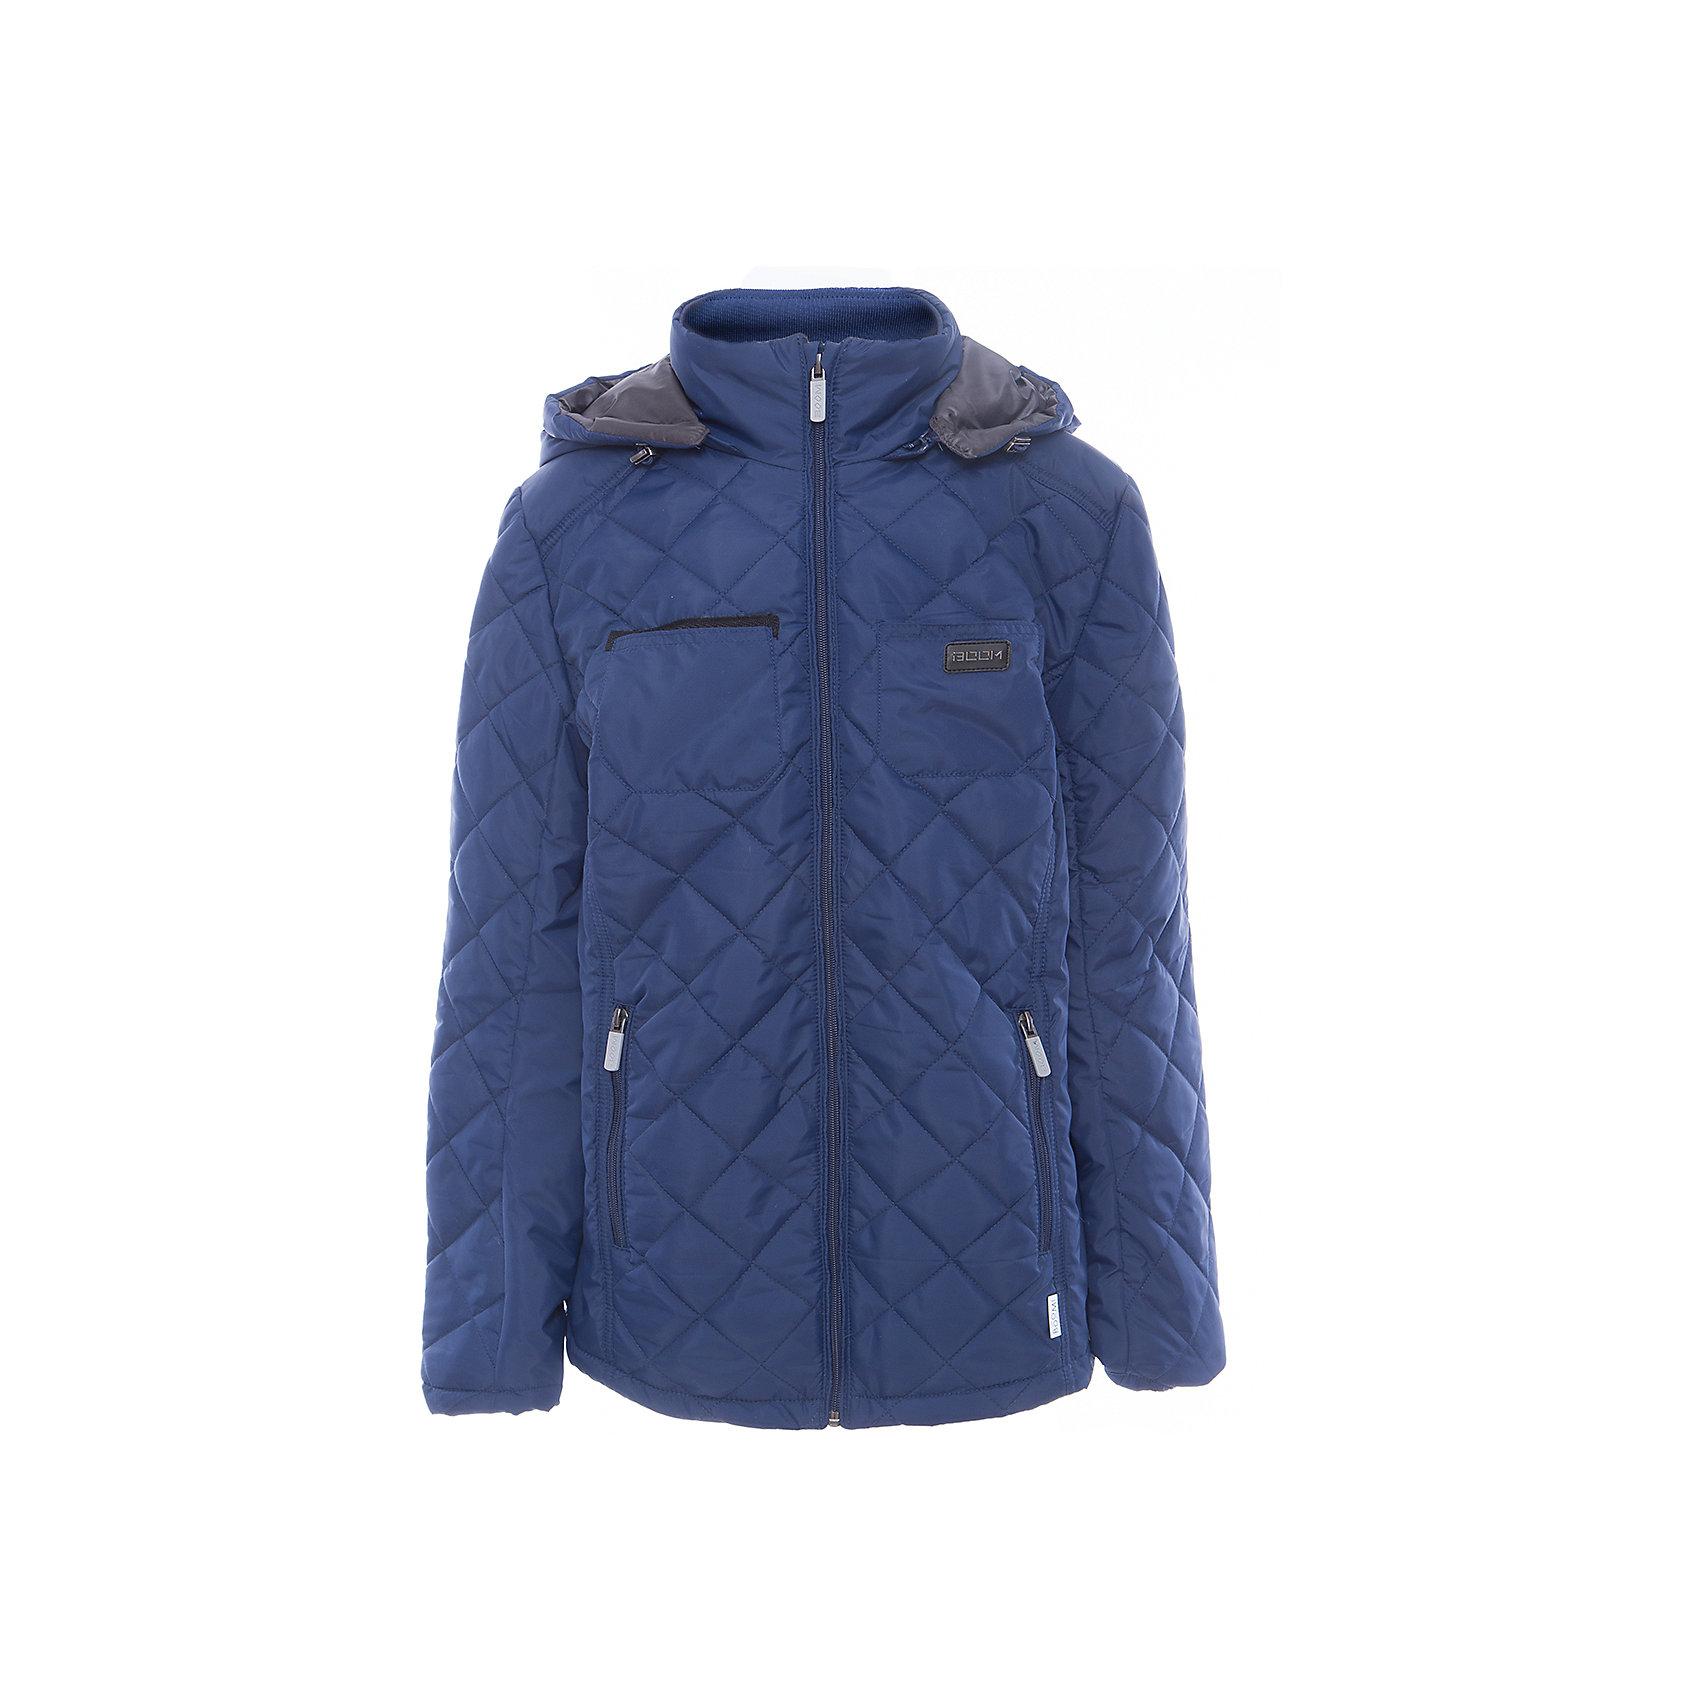 Куртка для мальчика BOOM by OrbyВерхняя одежда<br>Характеристики товара:<br><br>• цвет: синий<br>• состав: верх - таффета, подкладка - поликоттон, полиэстер, утеплитель: Flexy Fiber 150 г/м2<br>• карманы<br>• температурный режим: от -5 С° до +10 С° <br>• капюшон<br>• застежка - молния<br>• воротник-стойка<br>• комфортная посадка<br>• страна производства: Российская Федерация<br>• страна бренда: Российская Федерация<br>• коллекция: весна-лето 2017<br><br>Такая куртка- отличный вариант для походов в школу в межсезонье с его постоянно меняющейся погодой. Эта модель - модная и удобная одновременно! Изделие отличается стильным элегантным дизайном. Куртка хорошо сидит по фигуре, отлично сочетается с различным низом. Вещь была разработана специально для детей.<br><br>Одежда от российского бренда BOOM by Orby уже завоевала популярностью у многих детей и их родителей. Вещи, выпускаемые компанией, качественные, продуманные и очень удобные. Для производства коллекций используются только безопасные для детей материалы. Спешите приобрести модели из новой коллекции Весна-лето 2017! <br><br>Куртку для мальчика от бренда BOOM by Orby можно купить в нашем интернет-магазине.<br><br>Ширина мм: 356<br>Глубина мм: 10<br>Высота мм: 245<br>Вес г: 519<br>Цвет: синий<br>Возраст от месяцев: 168<br>Возраст до месяцев: 180<br>Пол: Мужской<br>Возраст: Детский<br>Размер: 170,116,122,128,134,140,146,152,158,164<br>SKU: 5343478